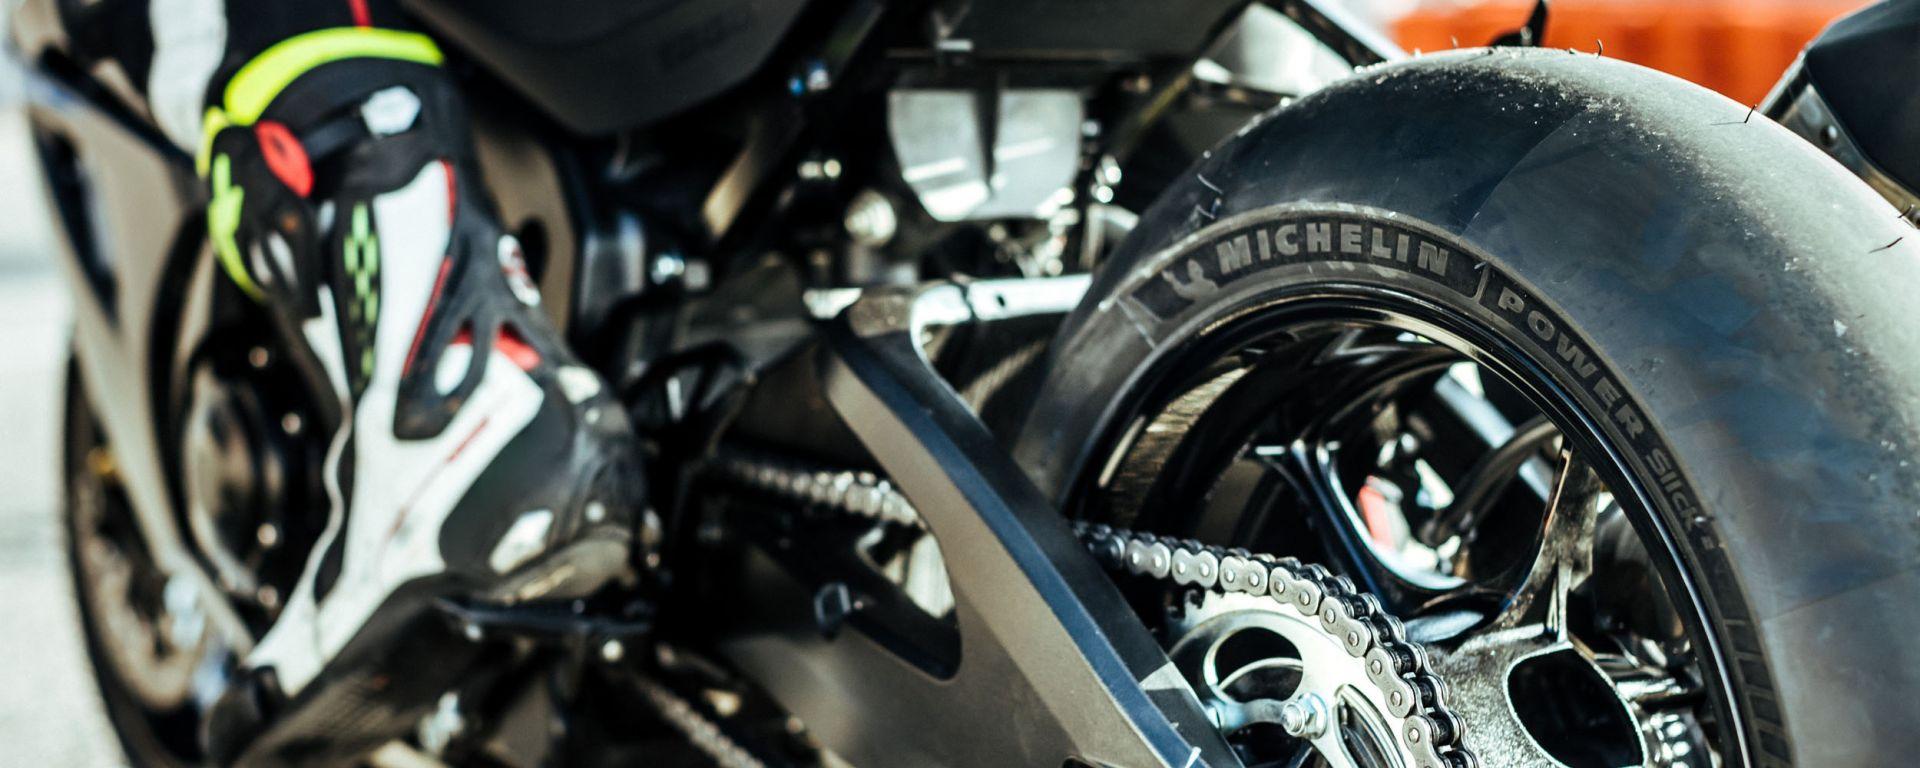 La sfida di Michelin per i prossimi anni è combattere le emissioni